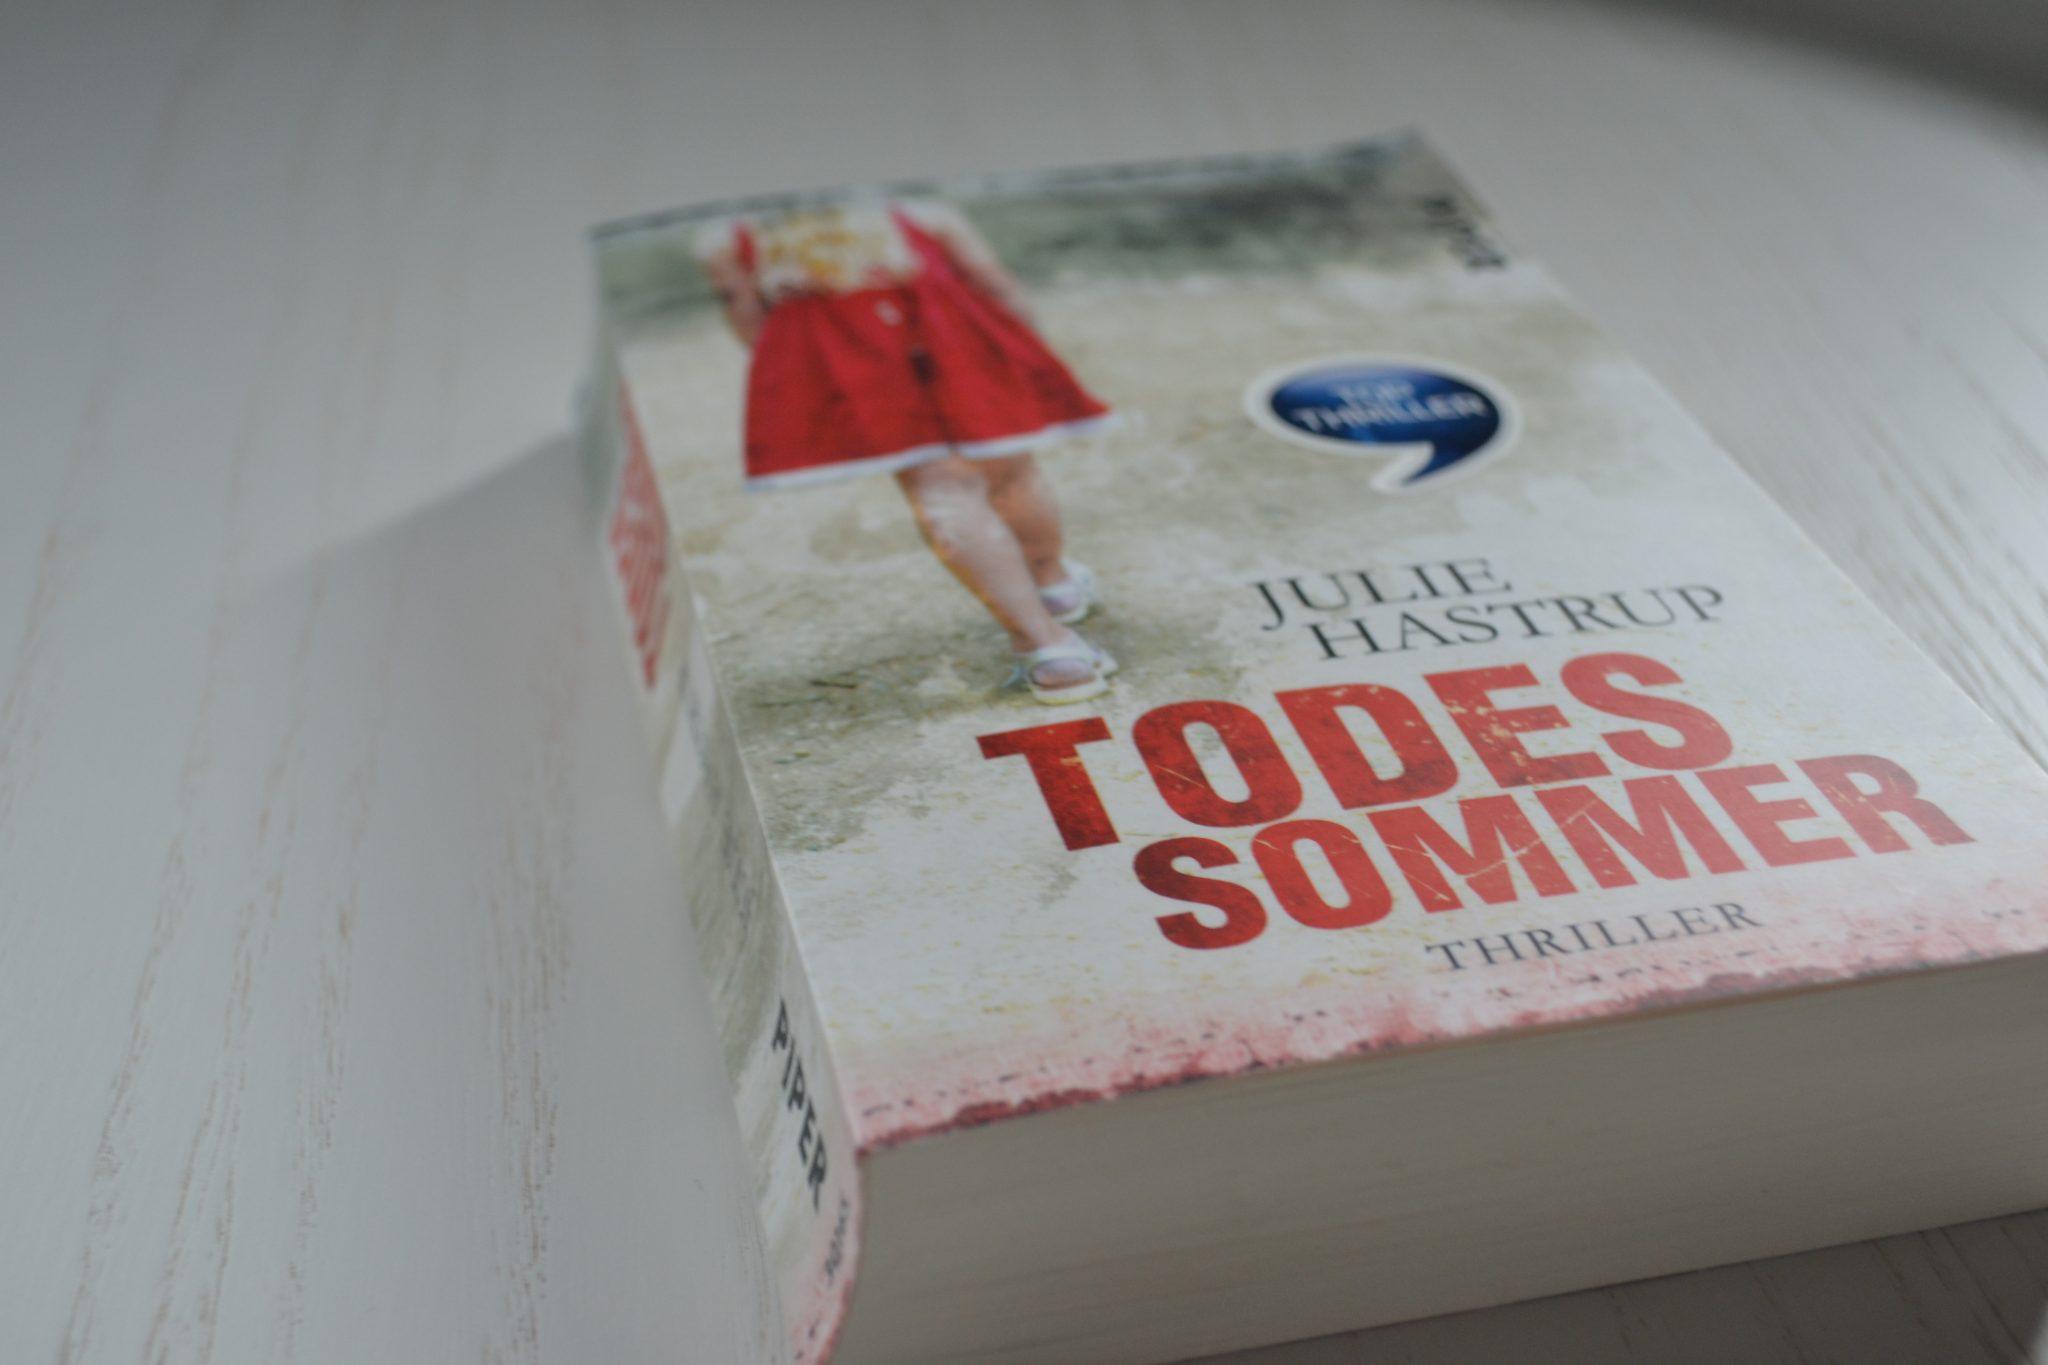 Books: Todessommer | Julie Hastrup